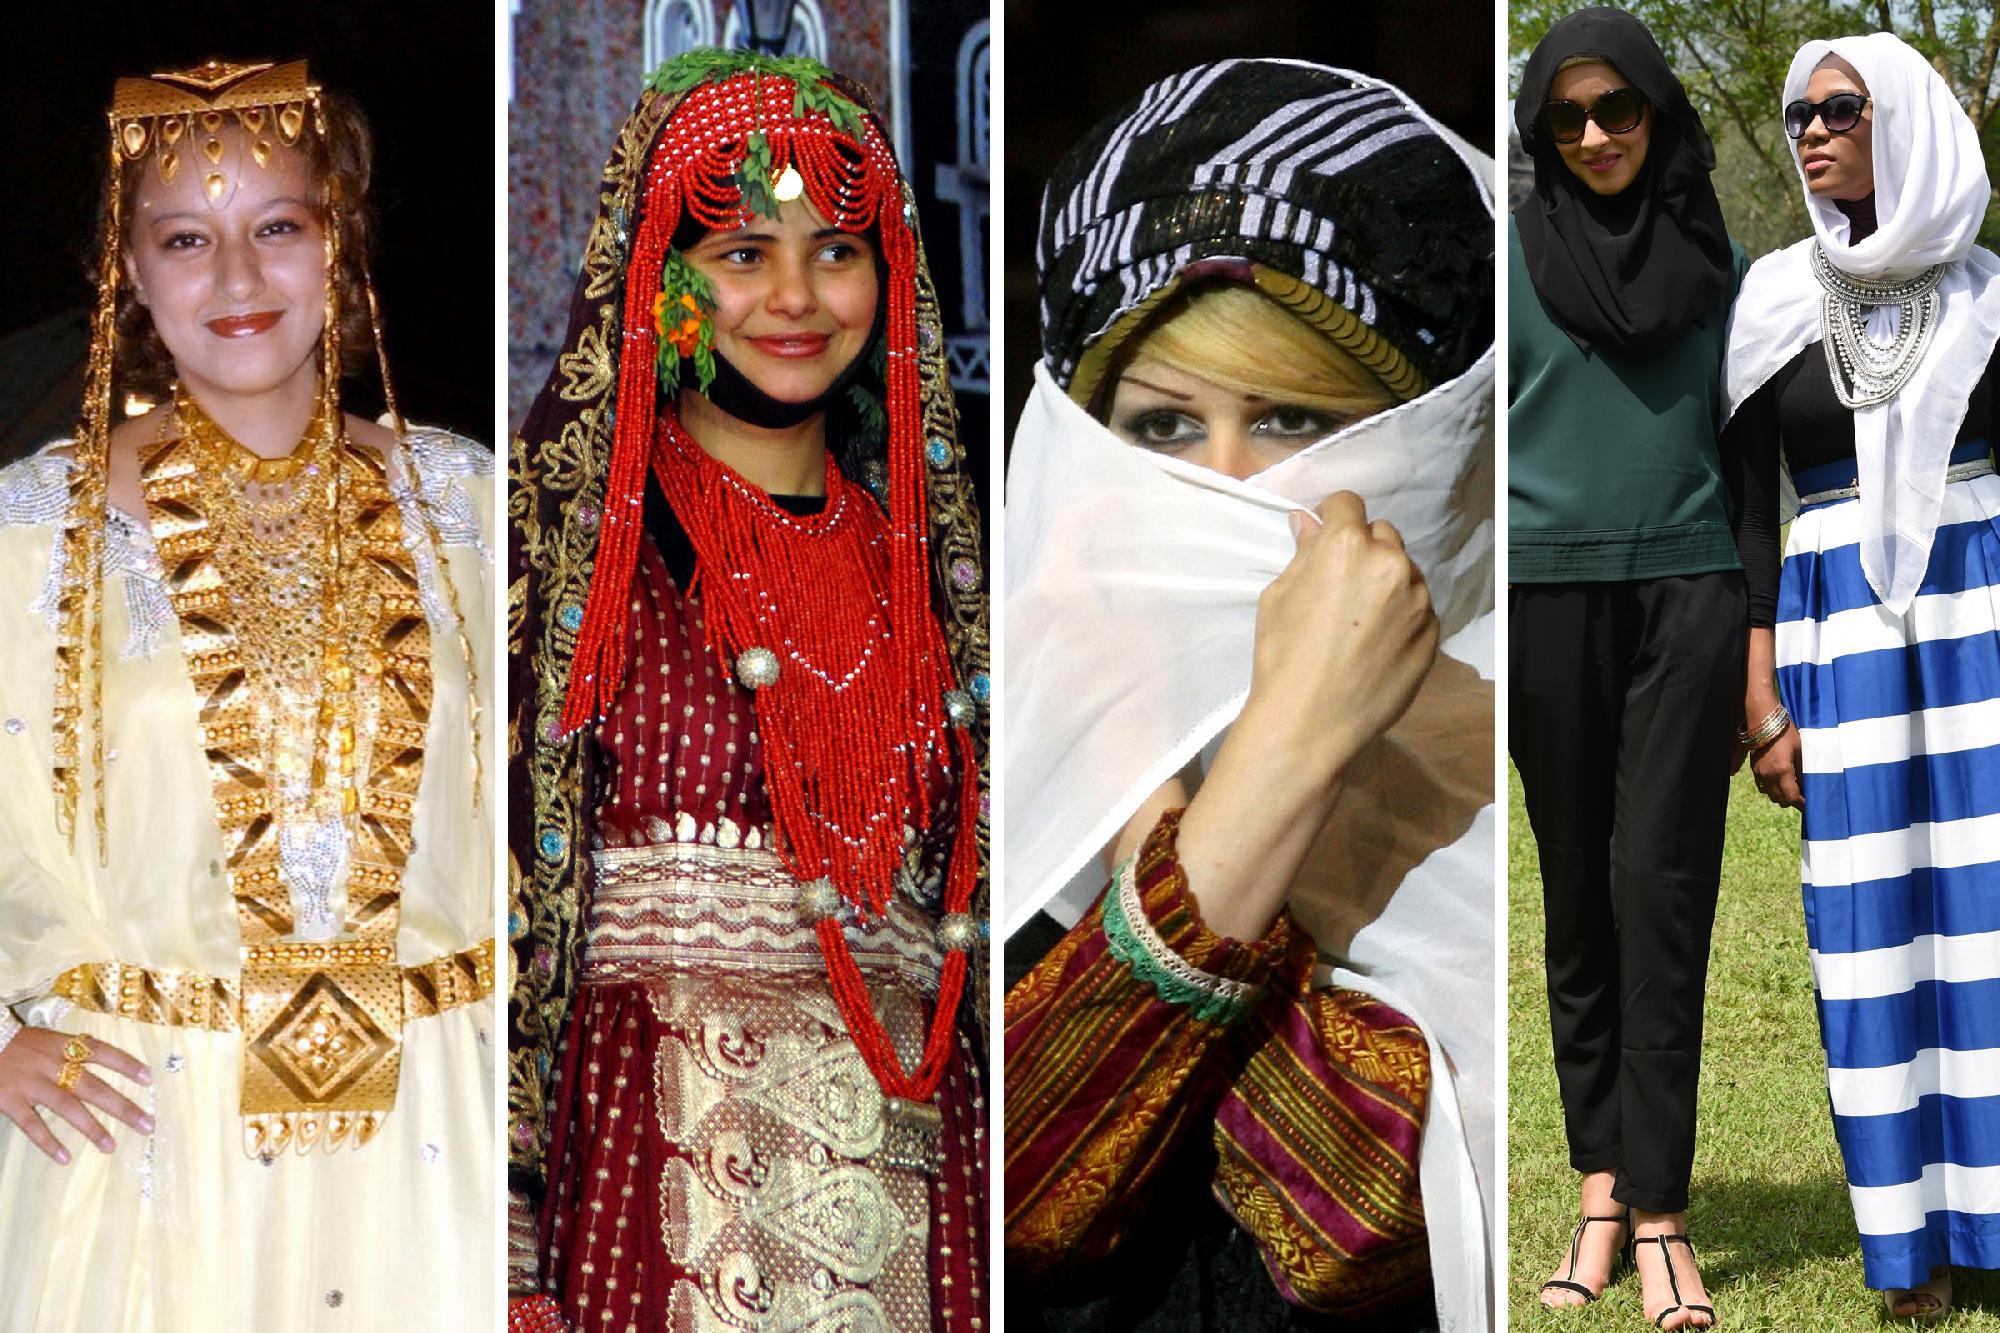 Balról jobbra: 1. A katari ruhatár egy ékes darabja 2. Pompás jemeni népviselet 3. Szőke fürtök a szíriai viselet alatt 4. A modern divat az iszlámot is elérte Europress/AFP